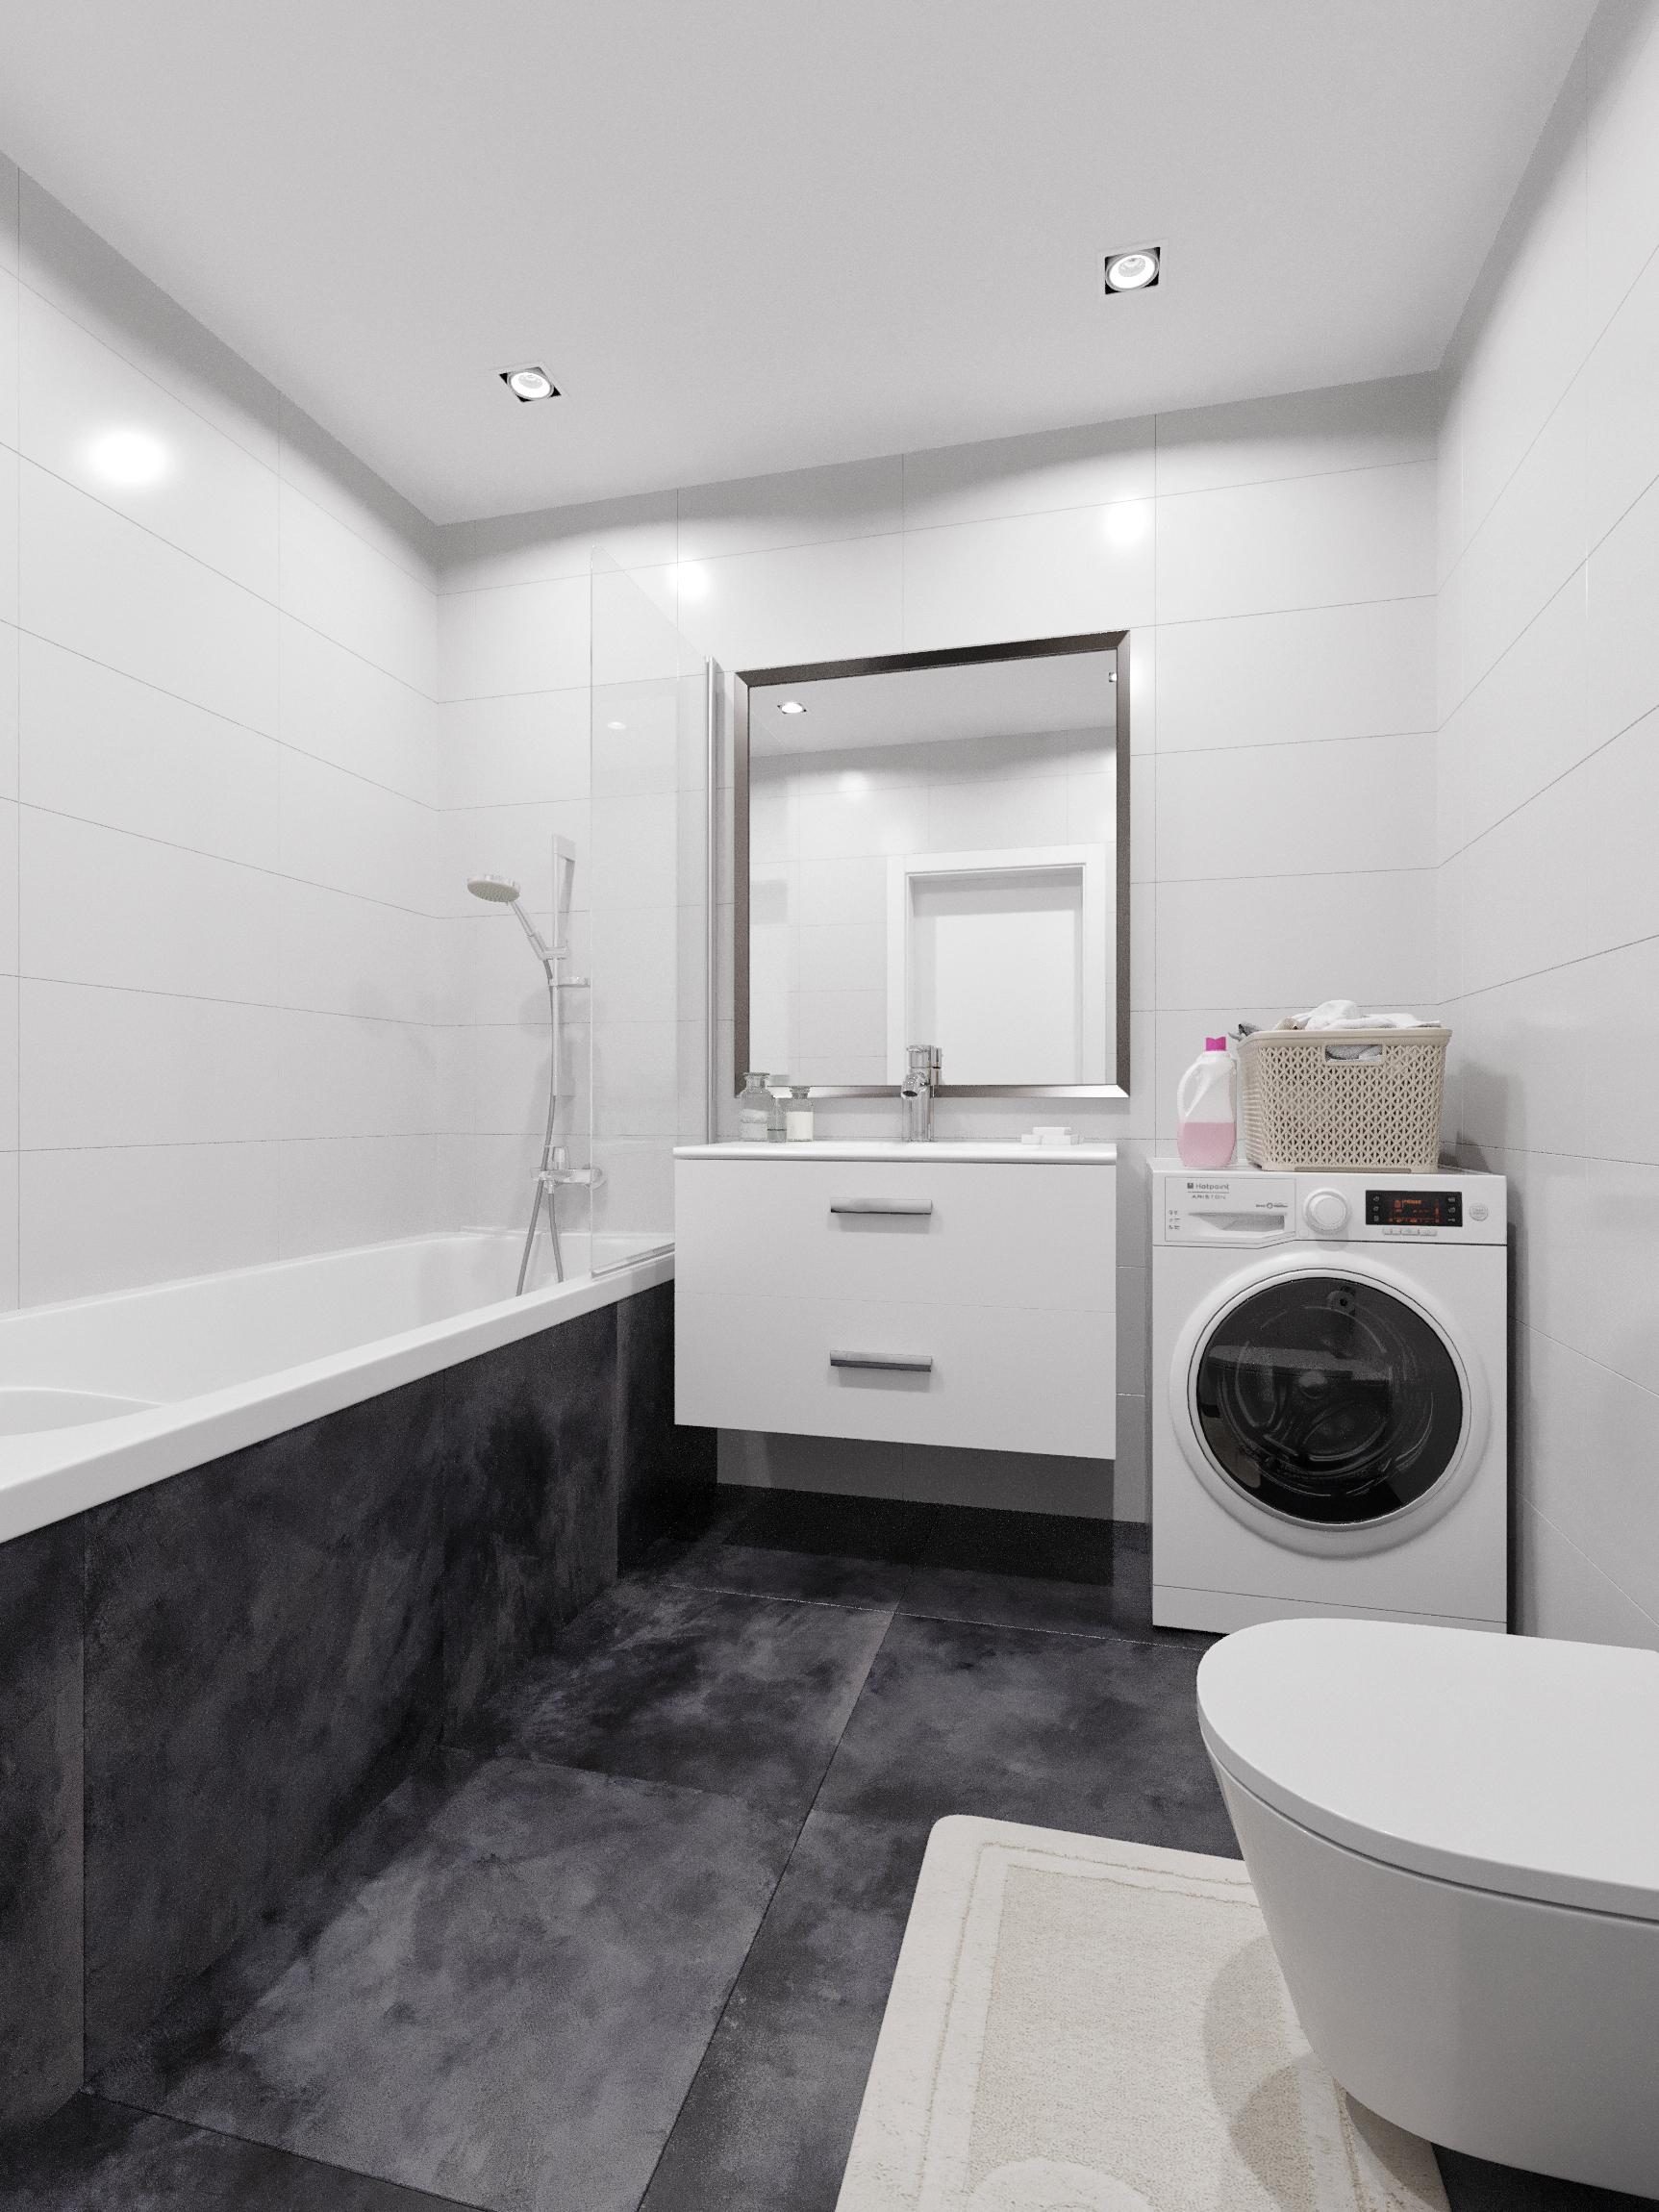 Baie - Apartament 2 camere - Boreal Plus Constanța